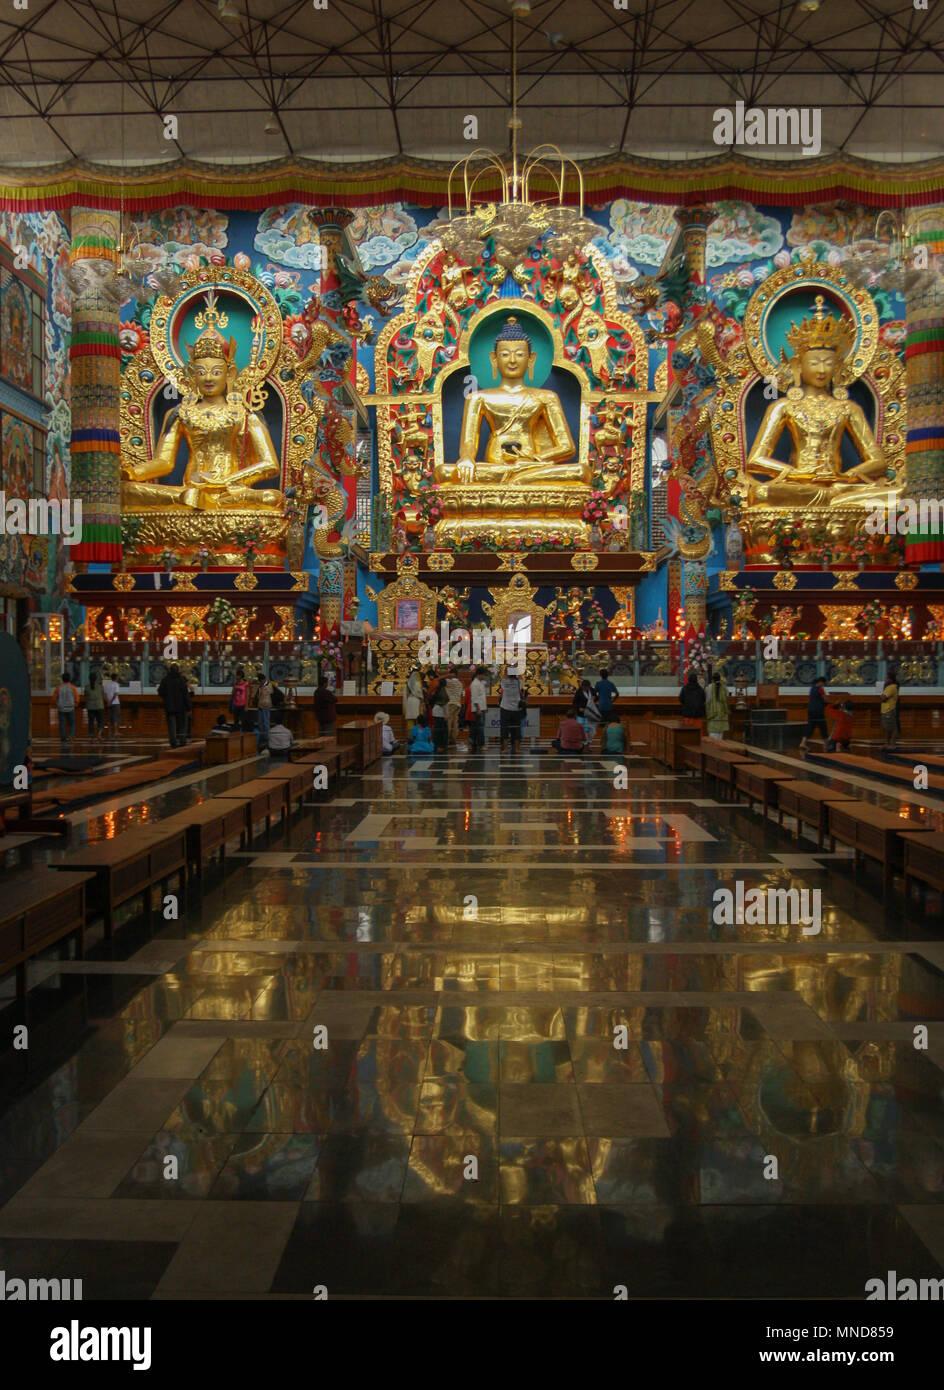 Namdroling Monastery - at Kushalnagar (Bylakuppe) - Coorg, India Stock Photo